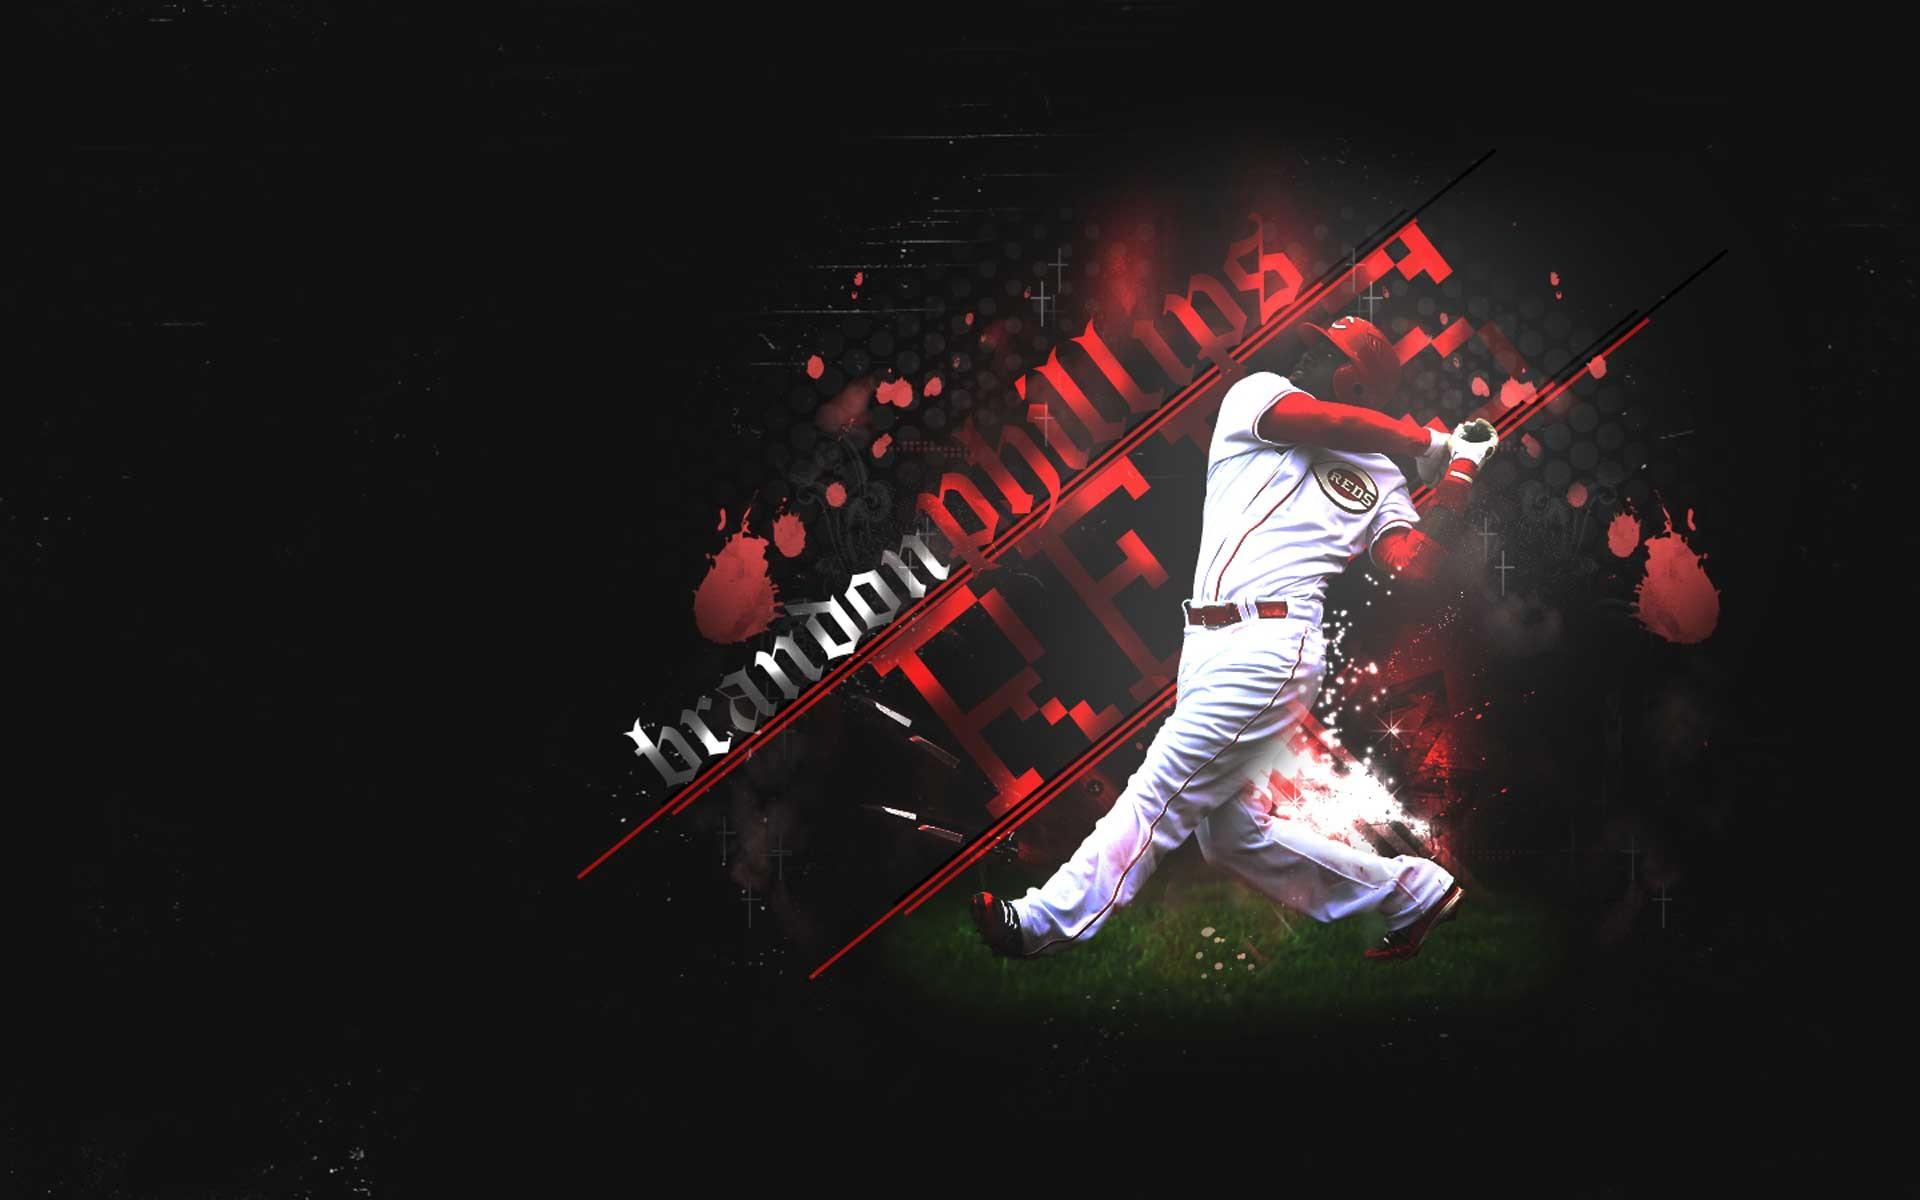 CINCINNATI REDS mlb baseball (43) wallpaper     229538    WallpaperUP